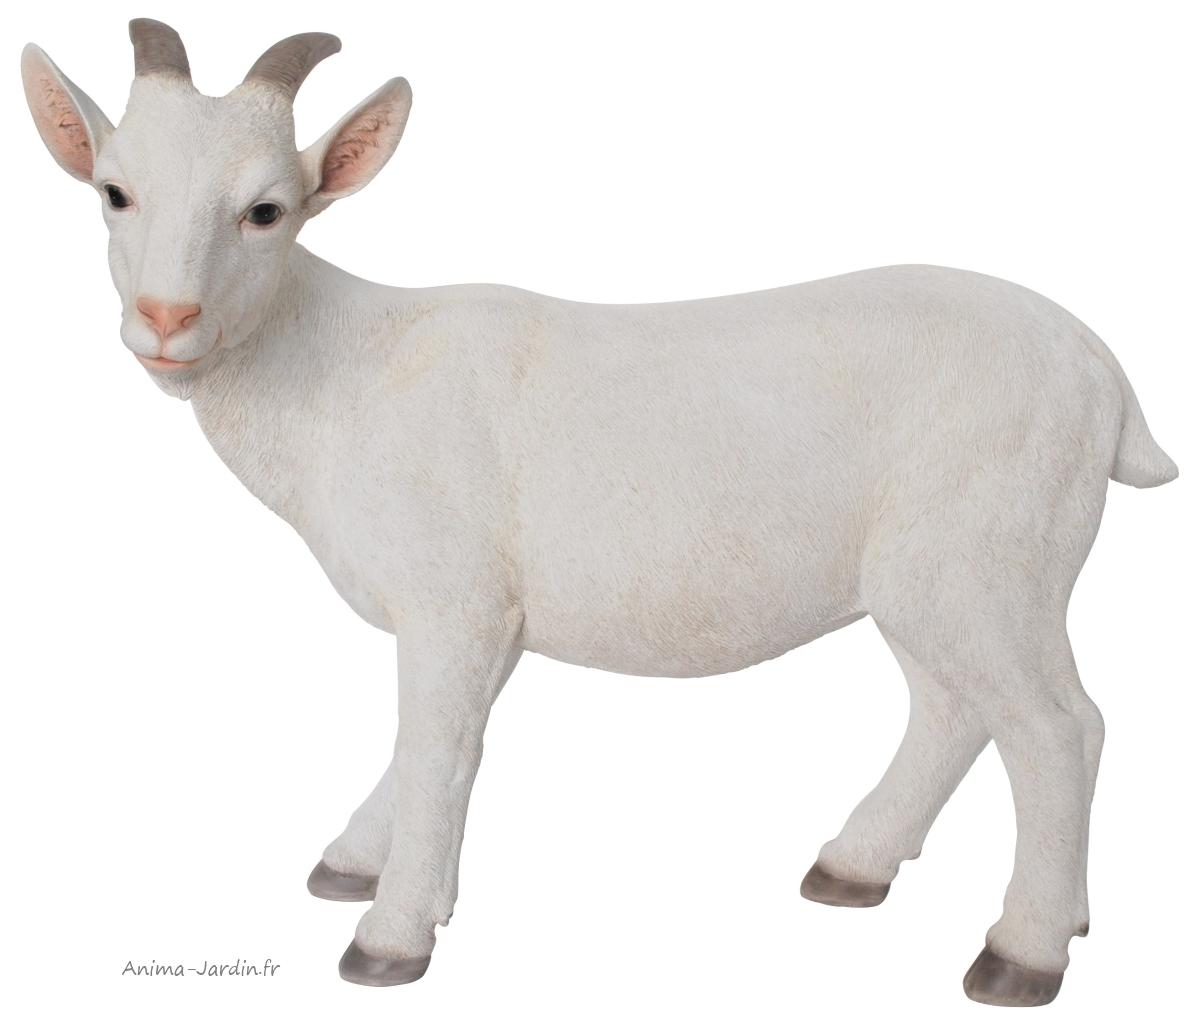 chèvre-blanche-résine-déco-jardin-anima-jardin.fr